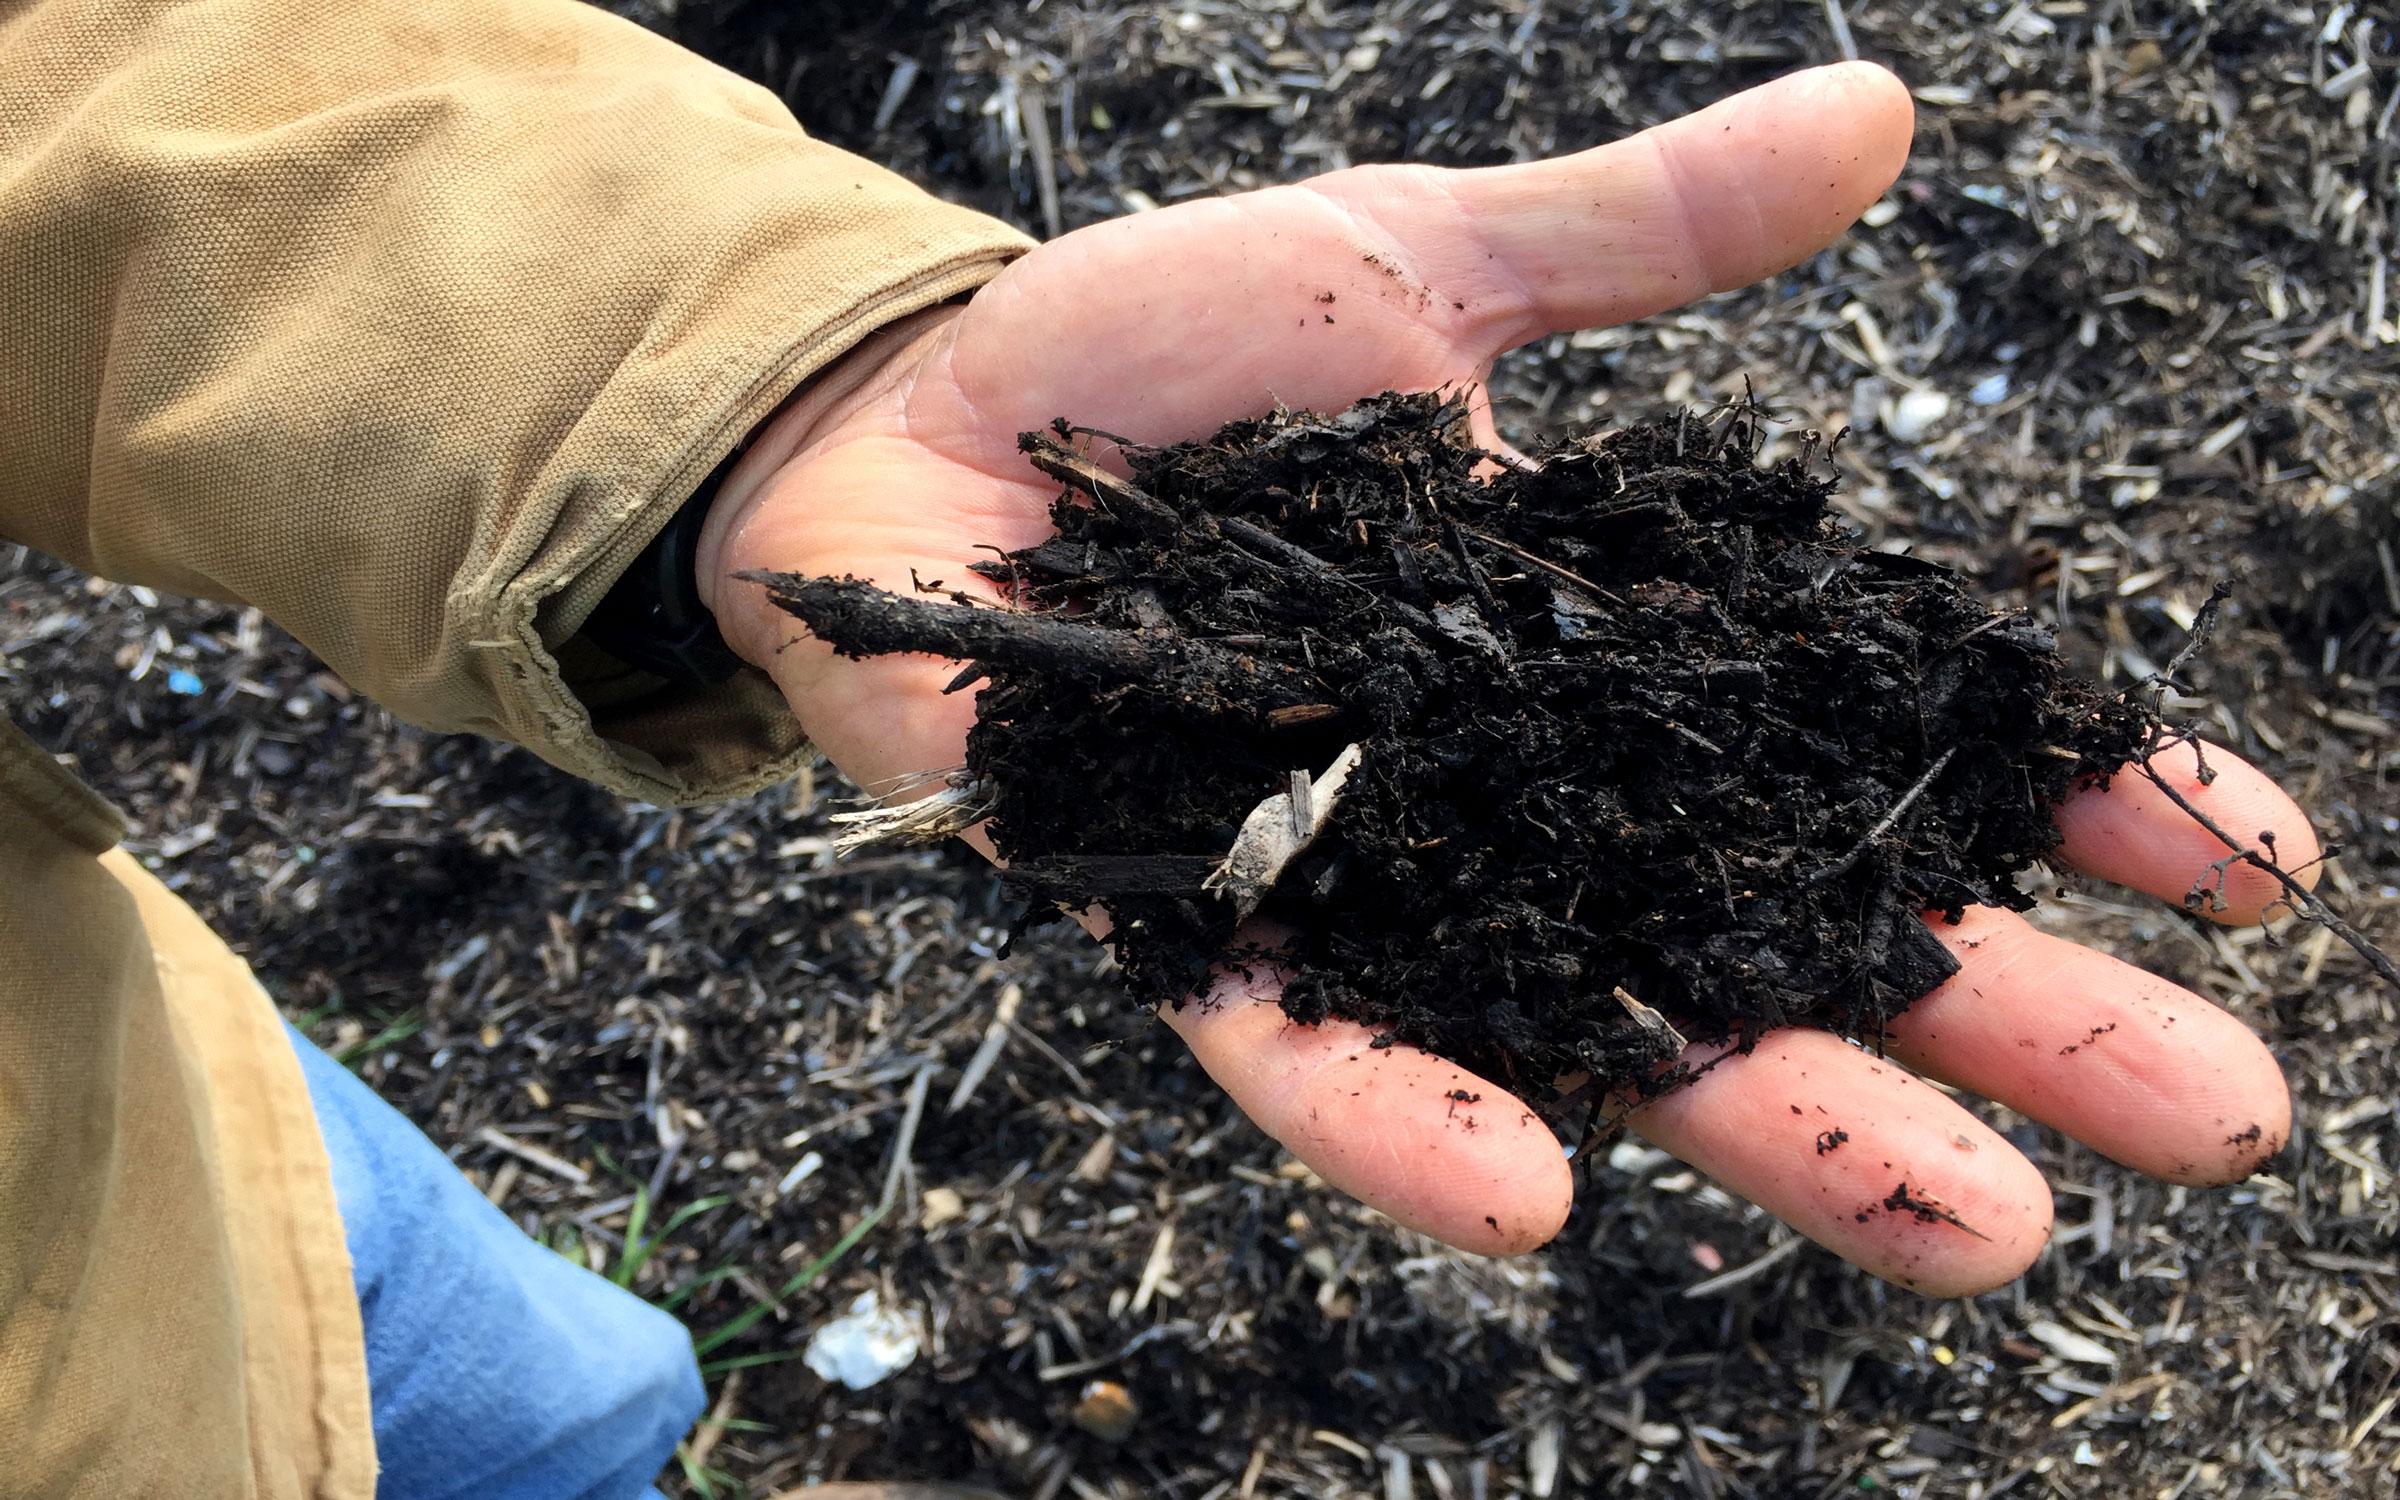 Une seule main tient une grappe de terre sombre et humide.